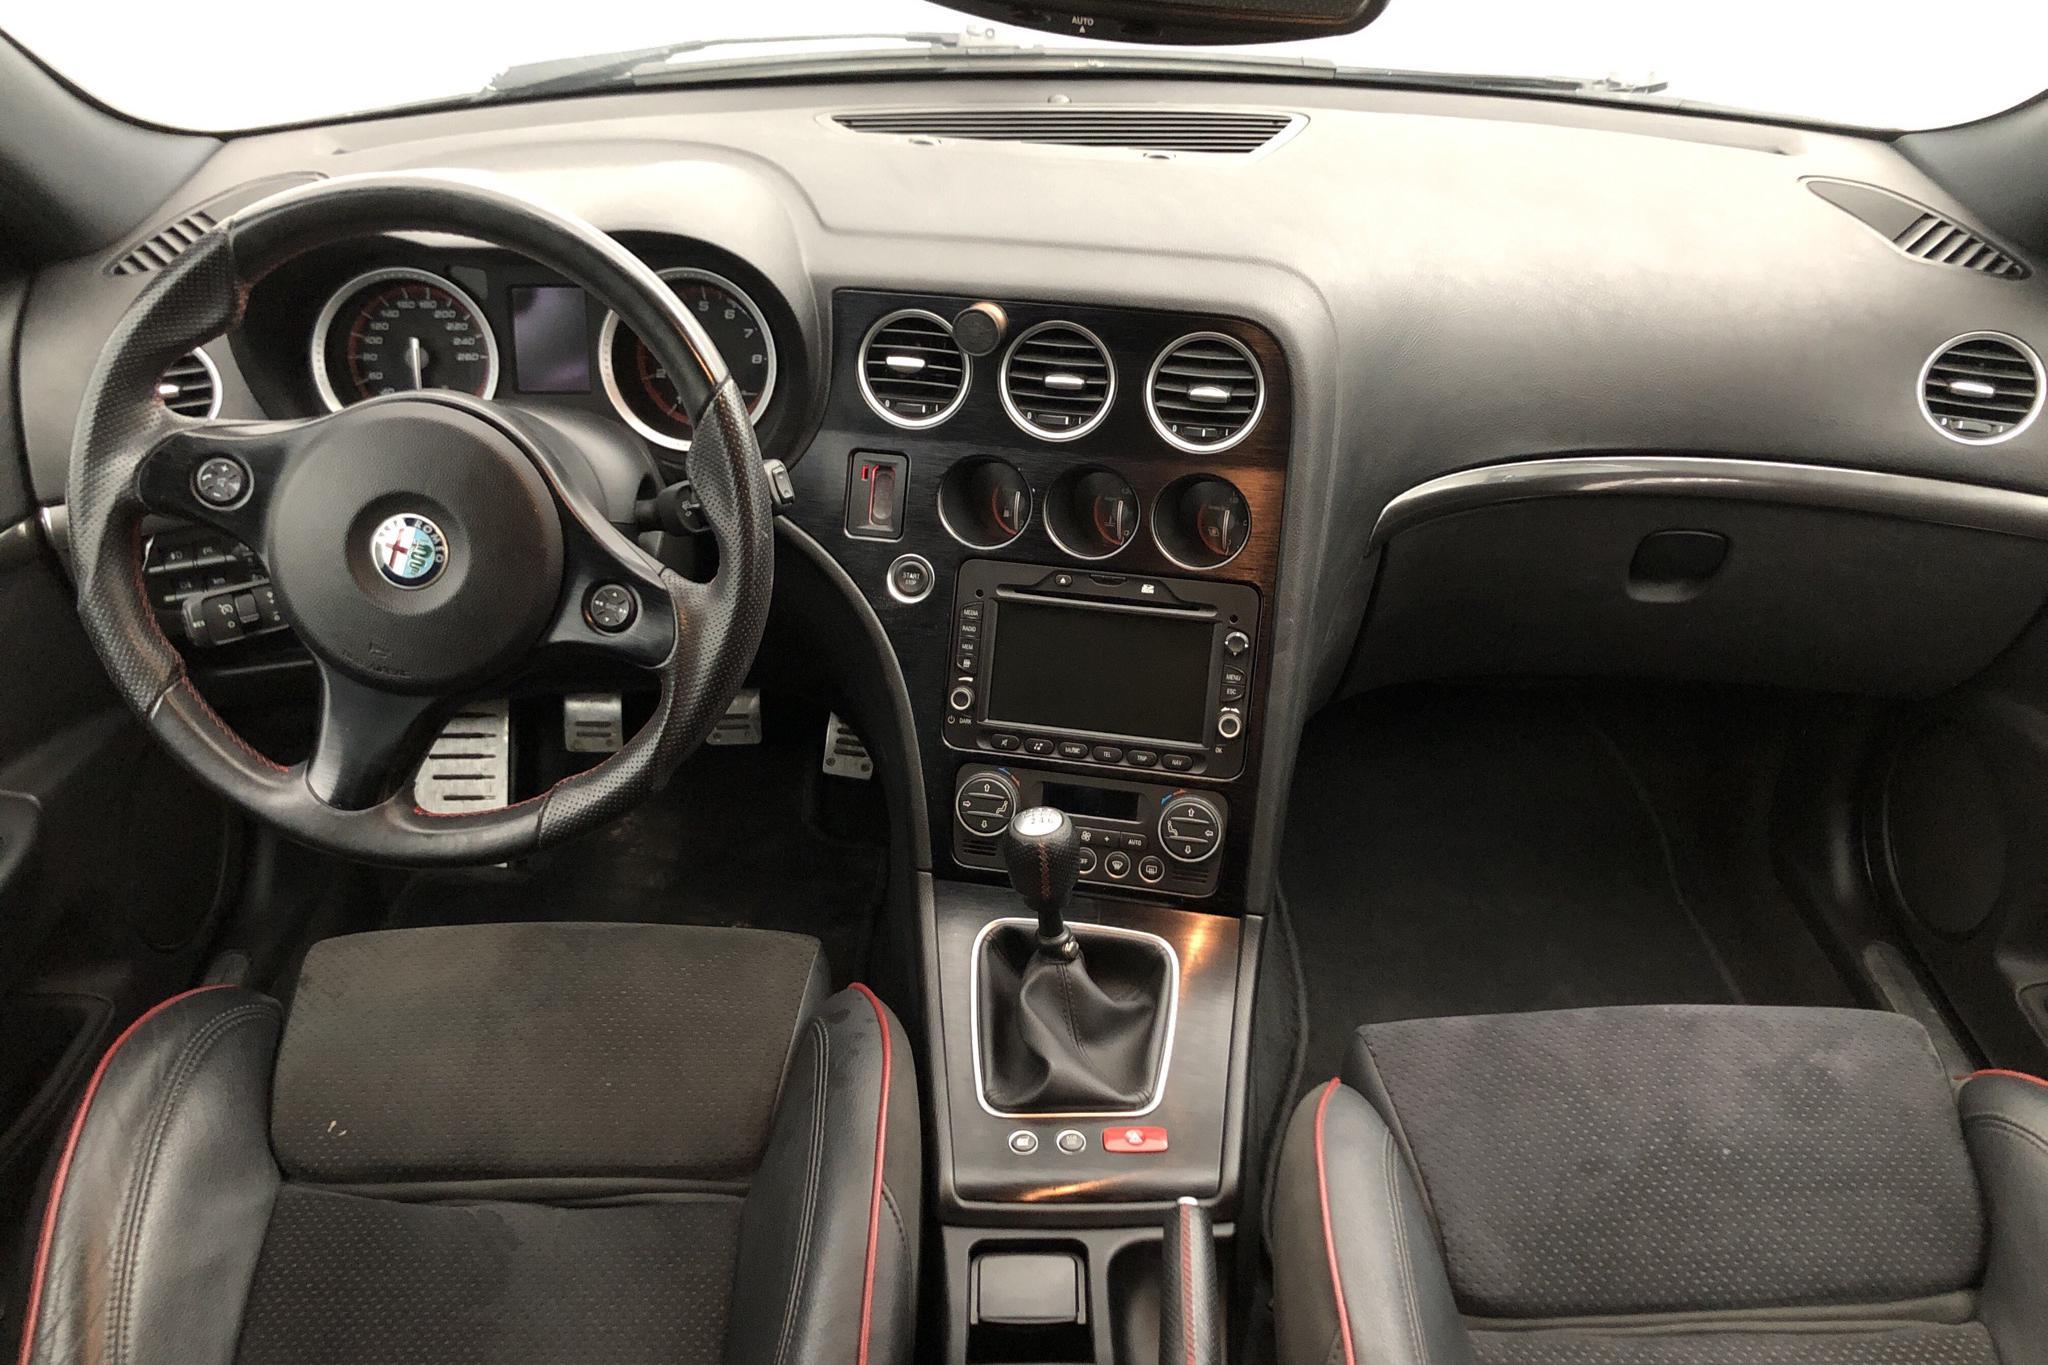 Alfa Romeo 159 1750 TBi Sportswagon (200hk) - 12 102 mil - Manuell - svart - 2011